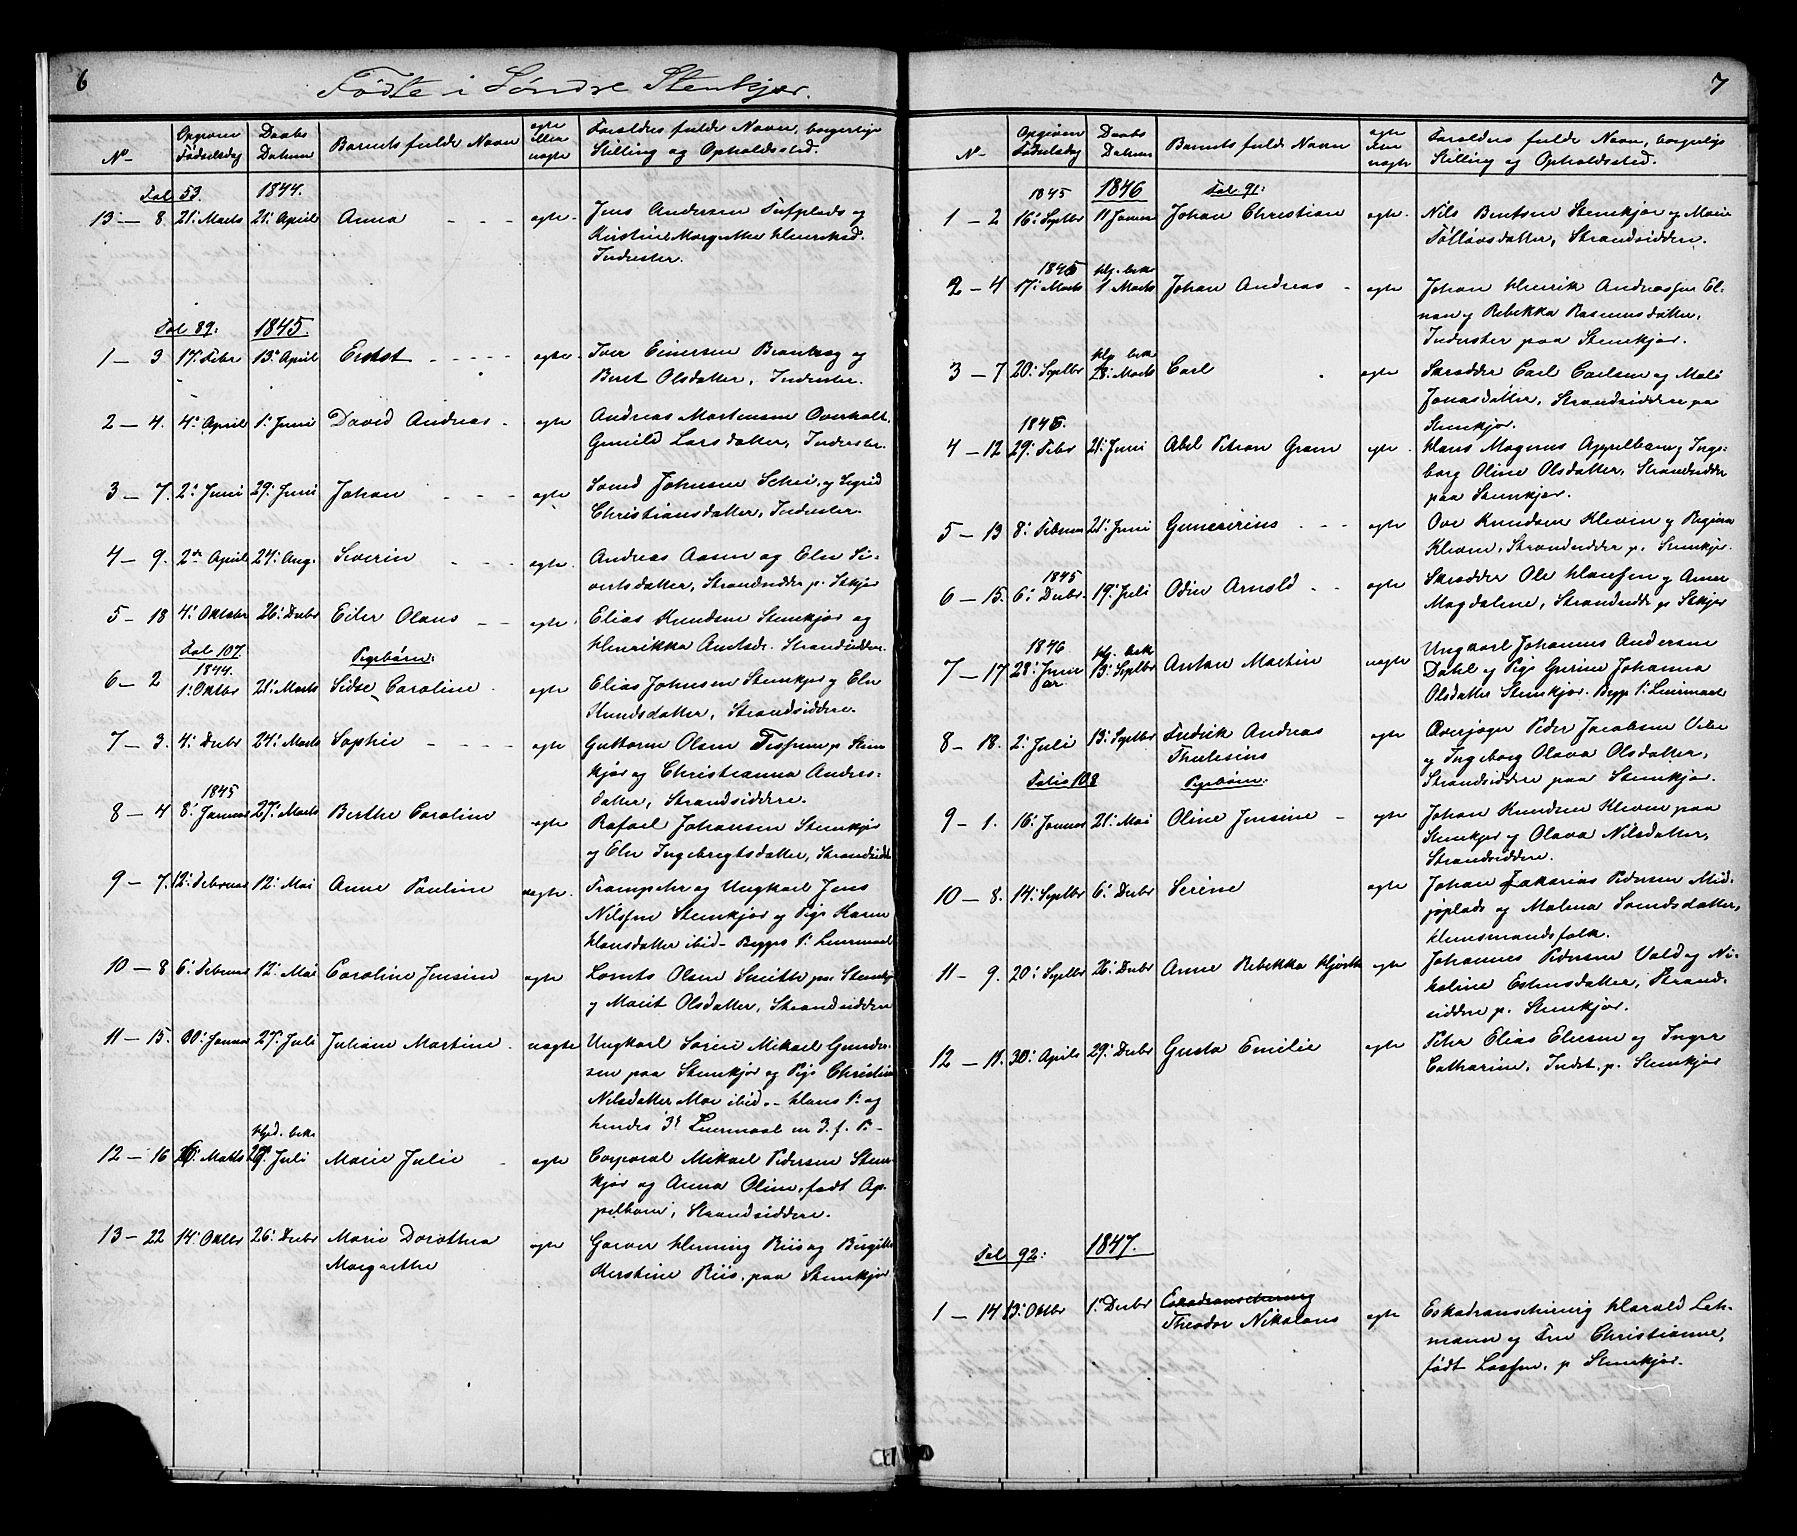 SAT, Ministerialprotokoller, klokkerbøker og fødselsregistre - Nord-Trøndelag, 739/L0367: Ministerialbok nr. 739A01 /1, 1838-1868, s. 6-7